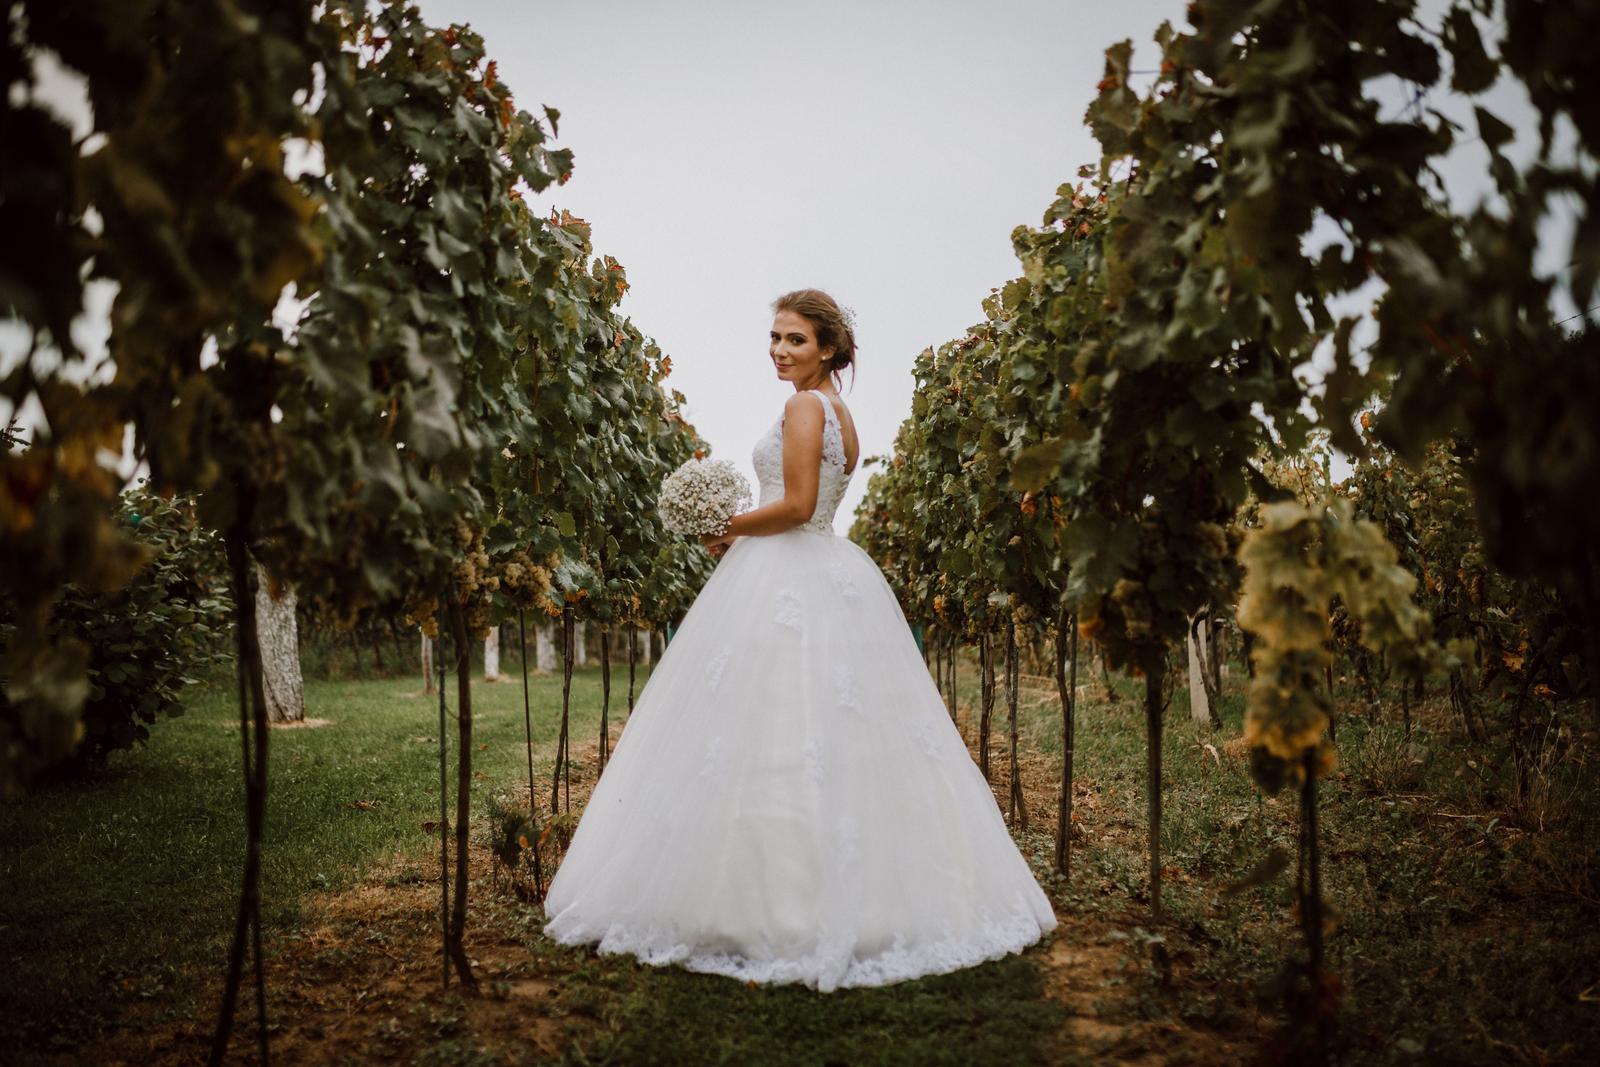 Svadobné šaty pre princeznú - Obrázok č. 1